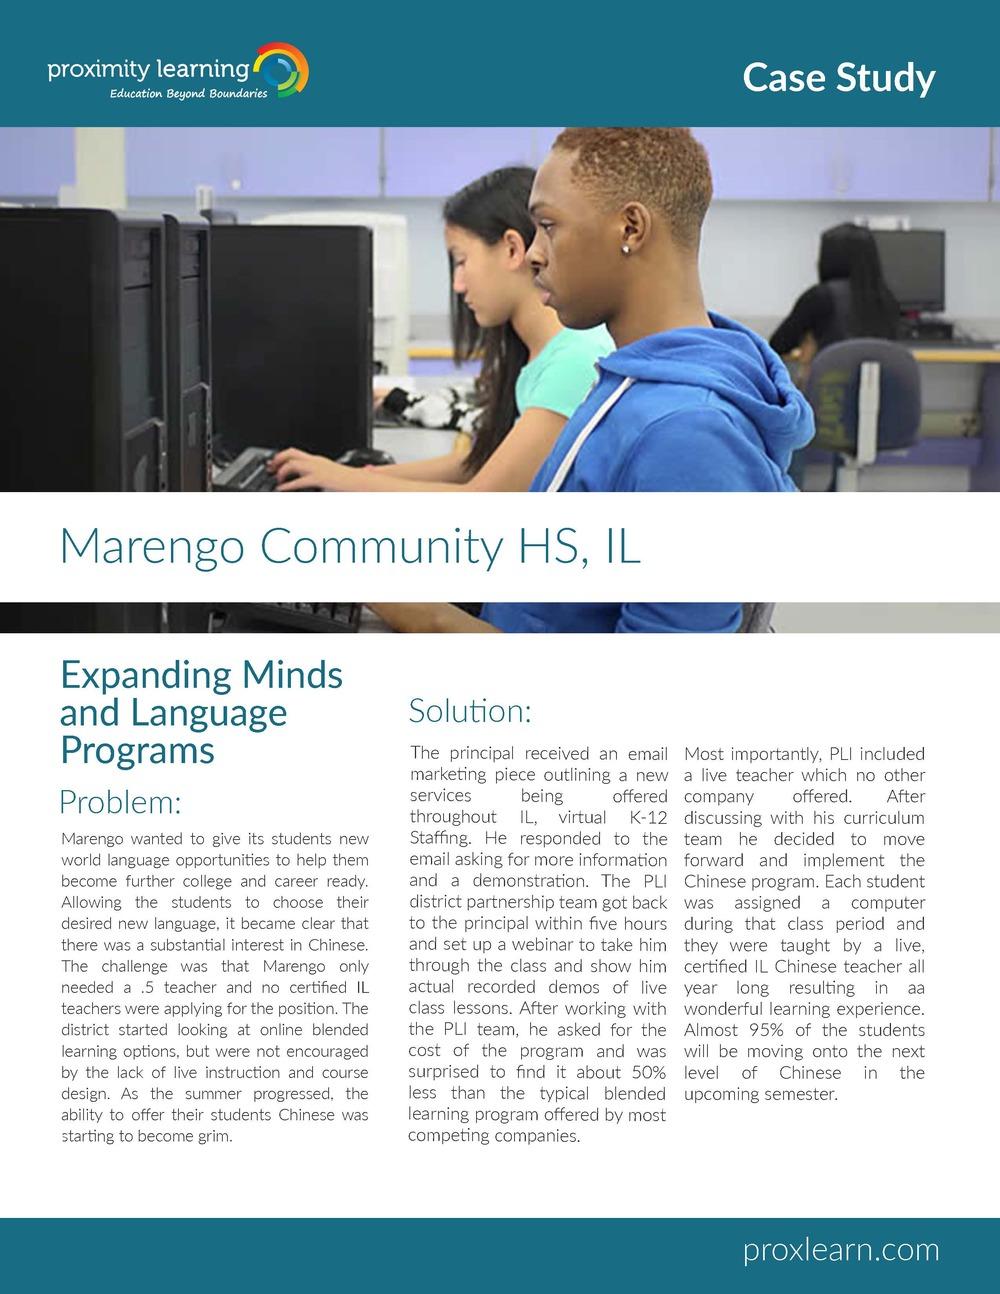 Marengo Community HS